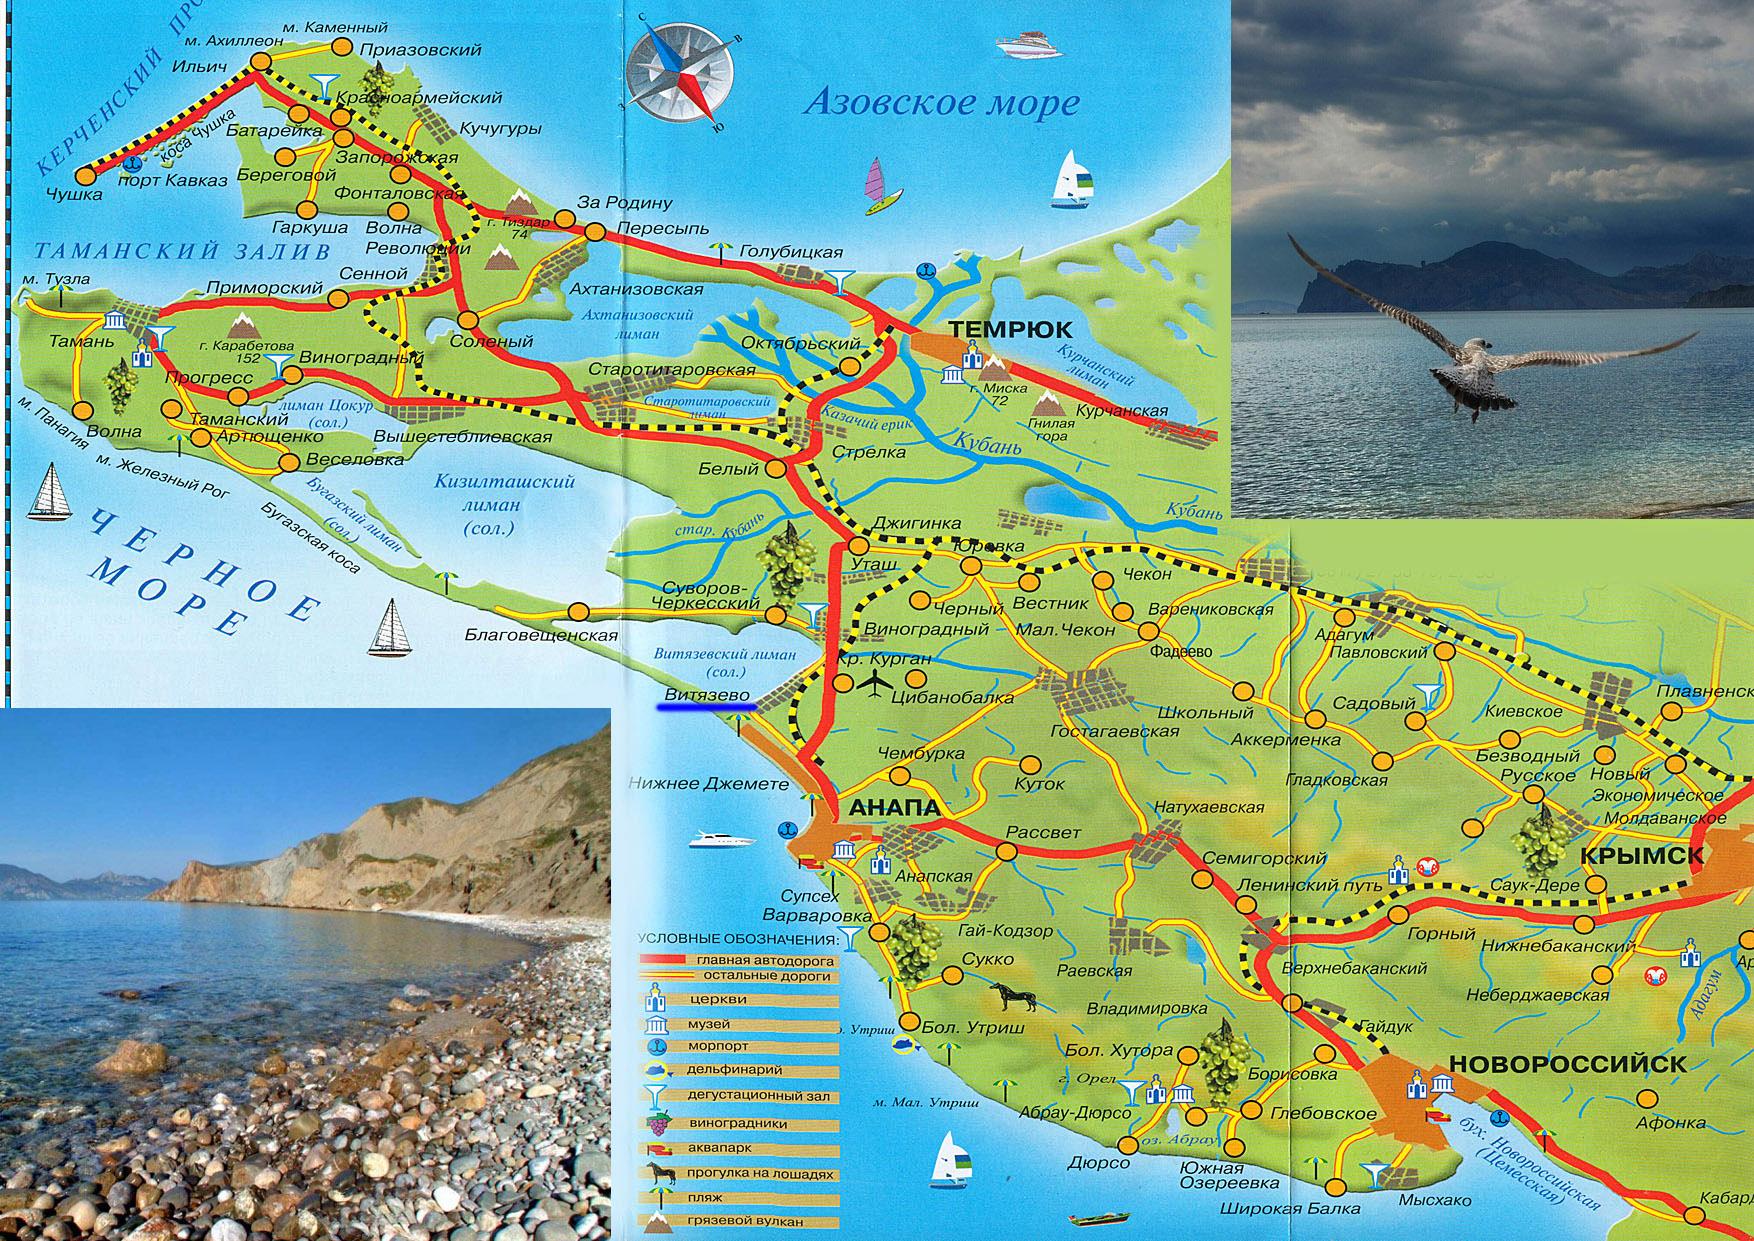 Подробная карта таманского полуострова с населенными пунктами